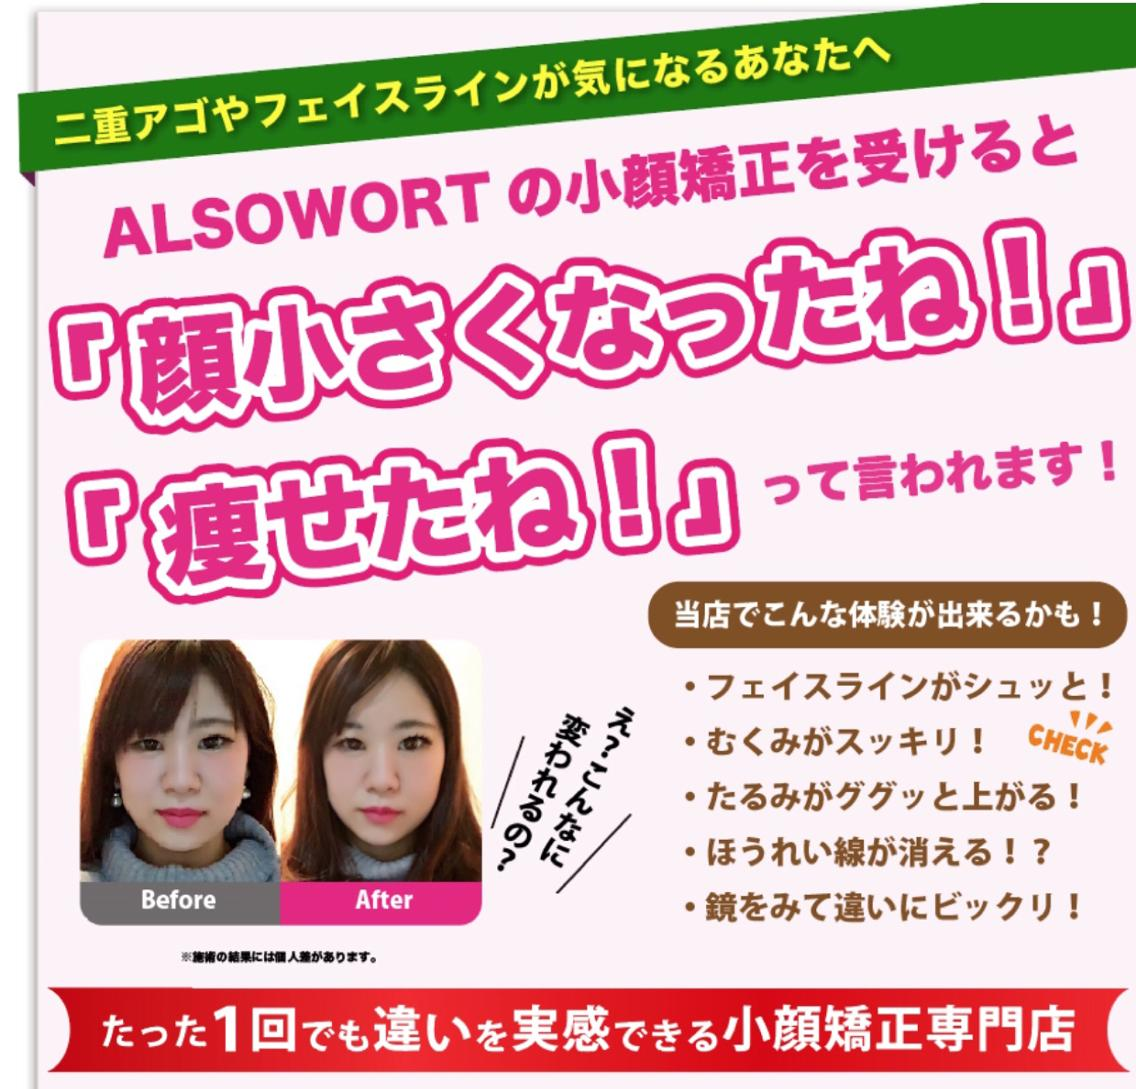 【小顔専門】浜松整体ALSOWORT所属・小顔矯正専門ALSOWORTの掲載